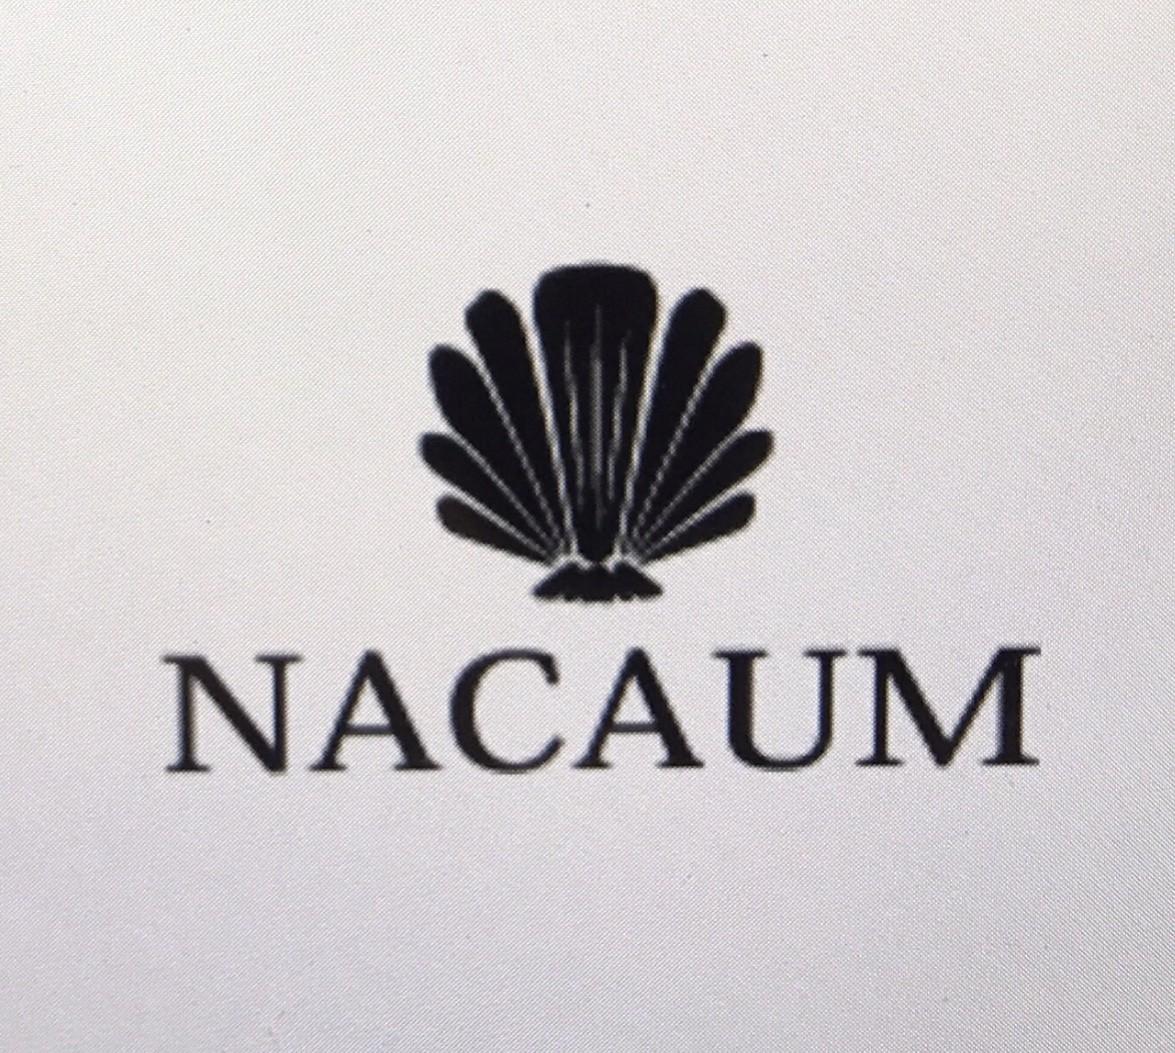 NACAUM